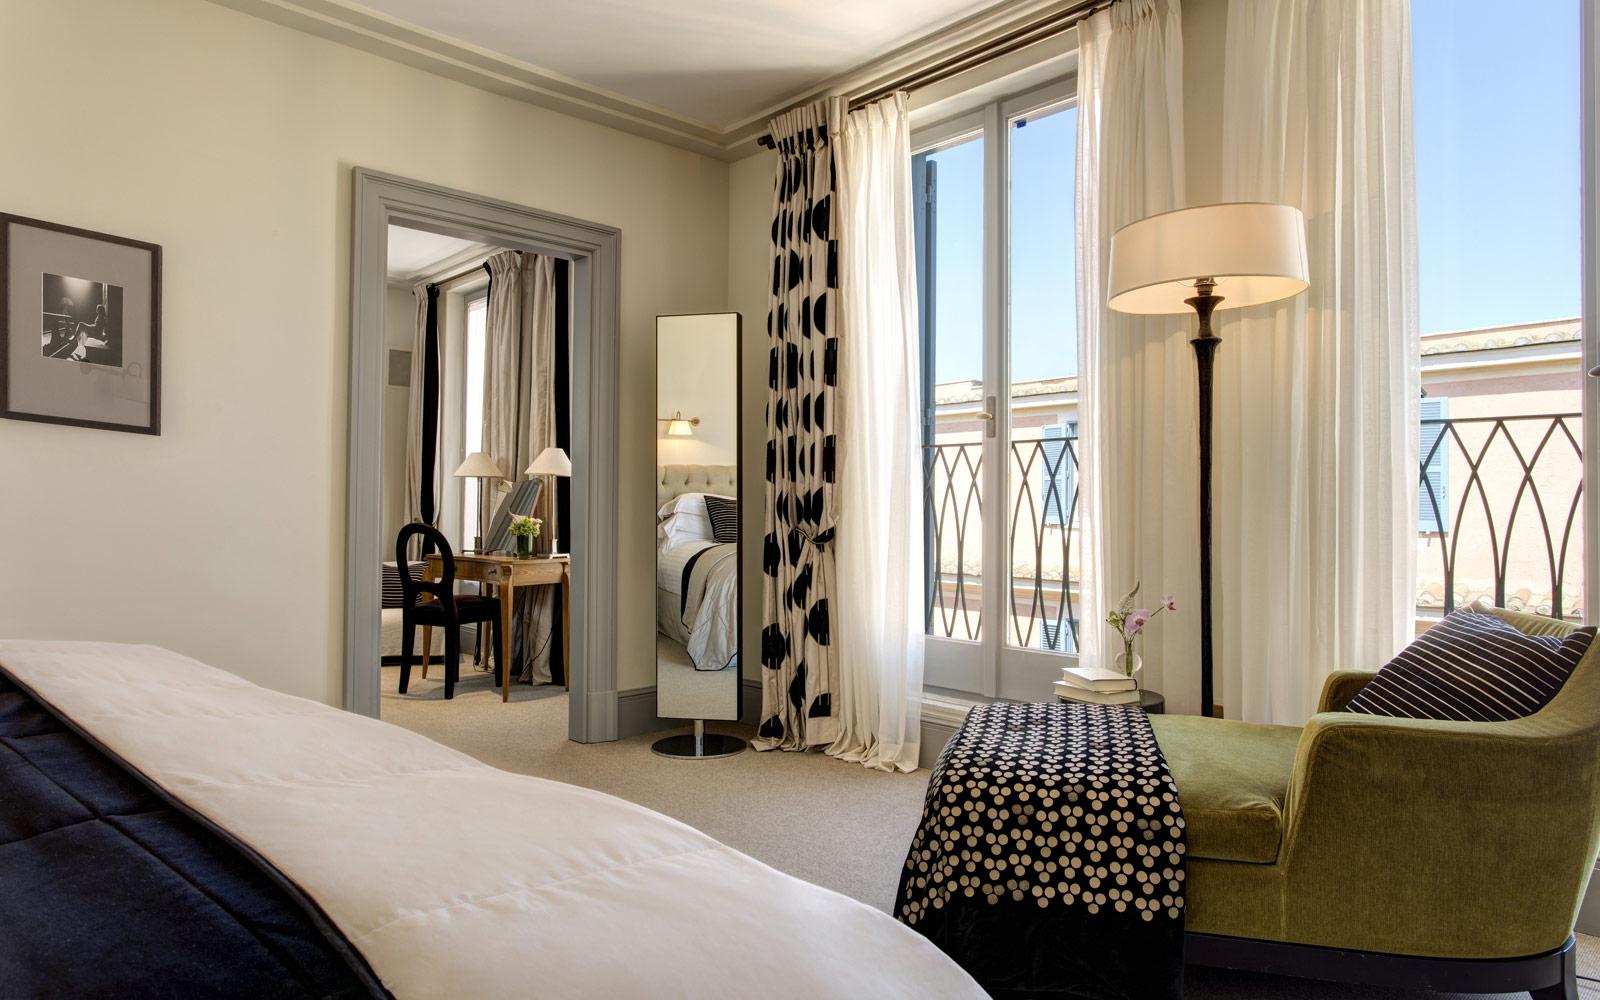 Hotel de Russie Nijinsky Suite Bedroom